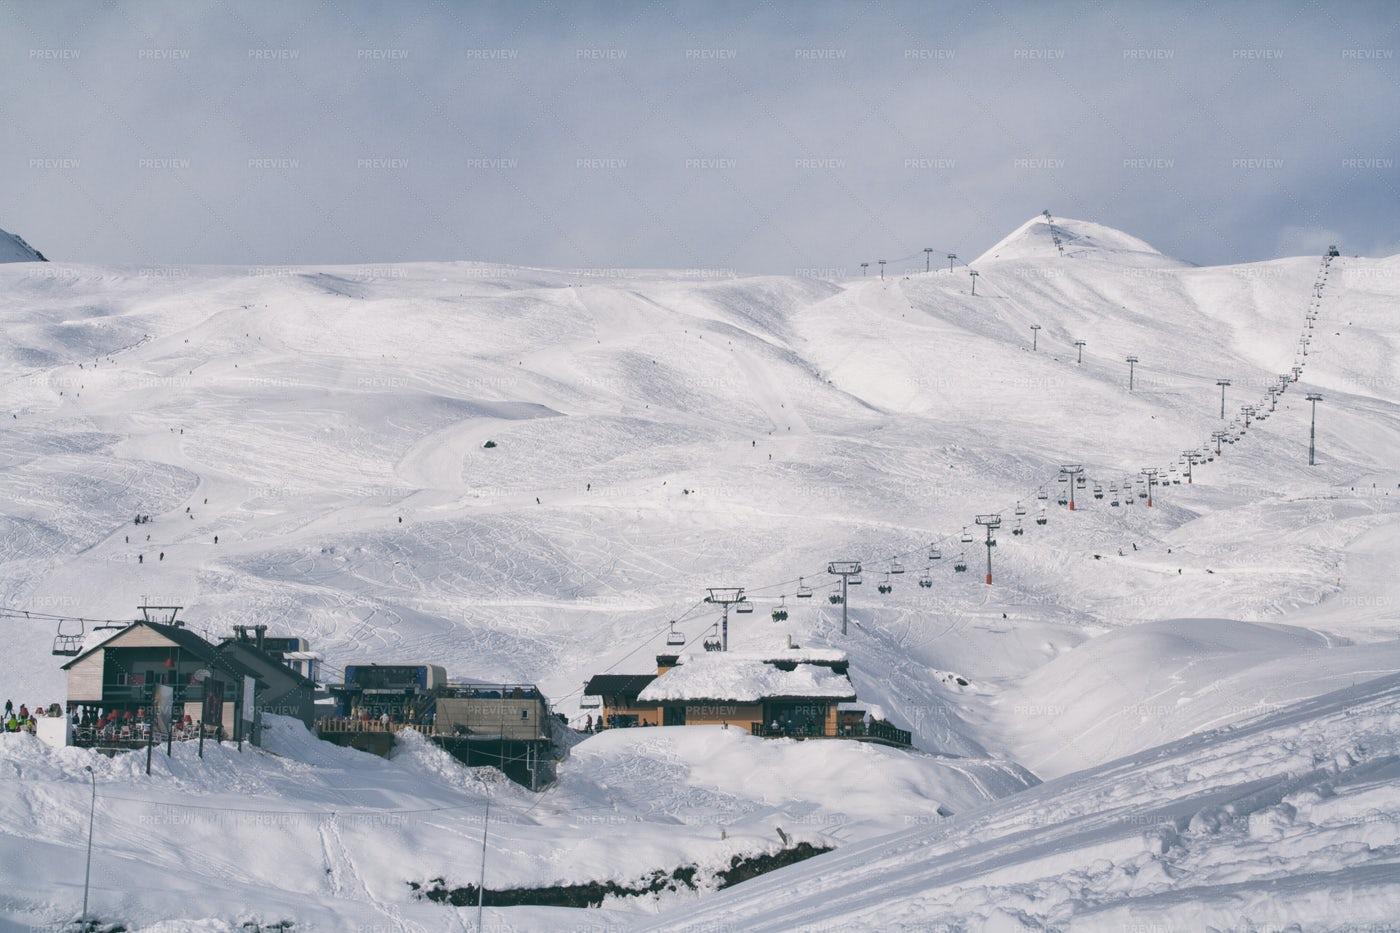 Ski Resort In The Mountains: Stock Photos